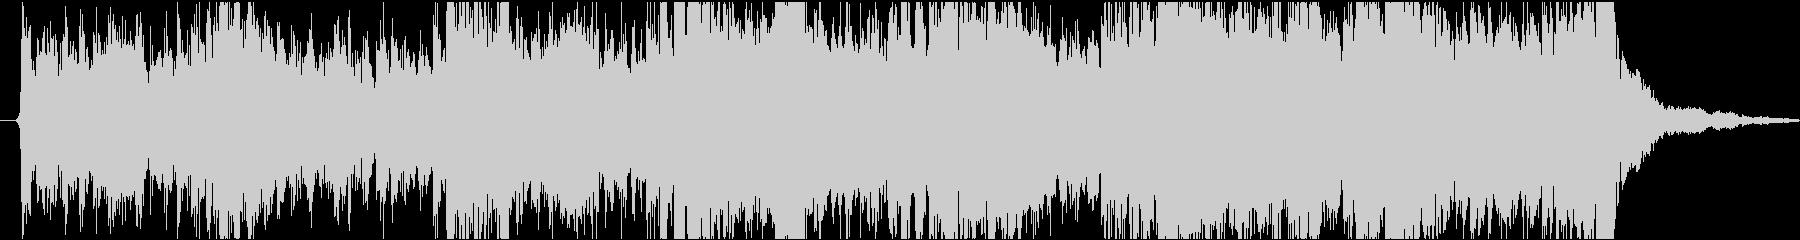 電気音響シンフォニー 積極的 焦り...の未再生の波形